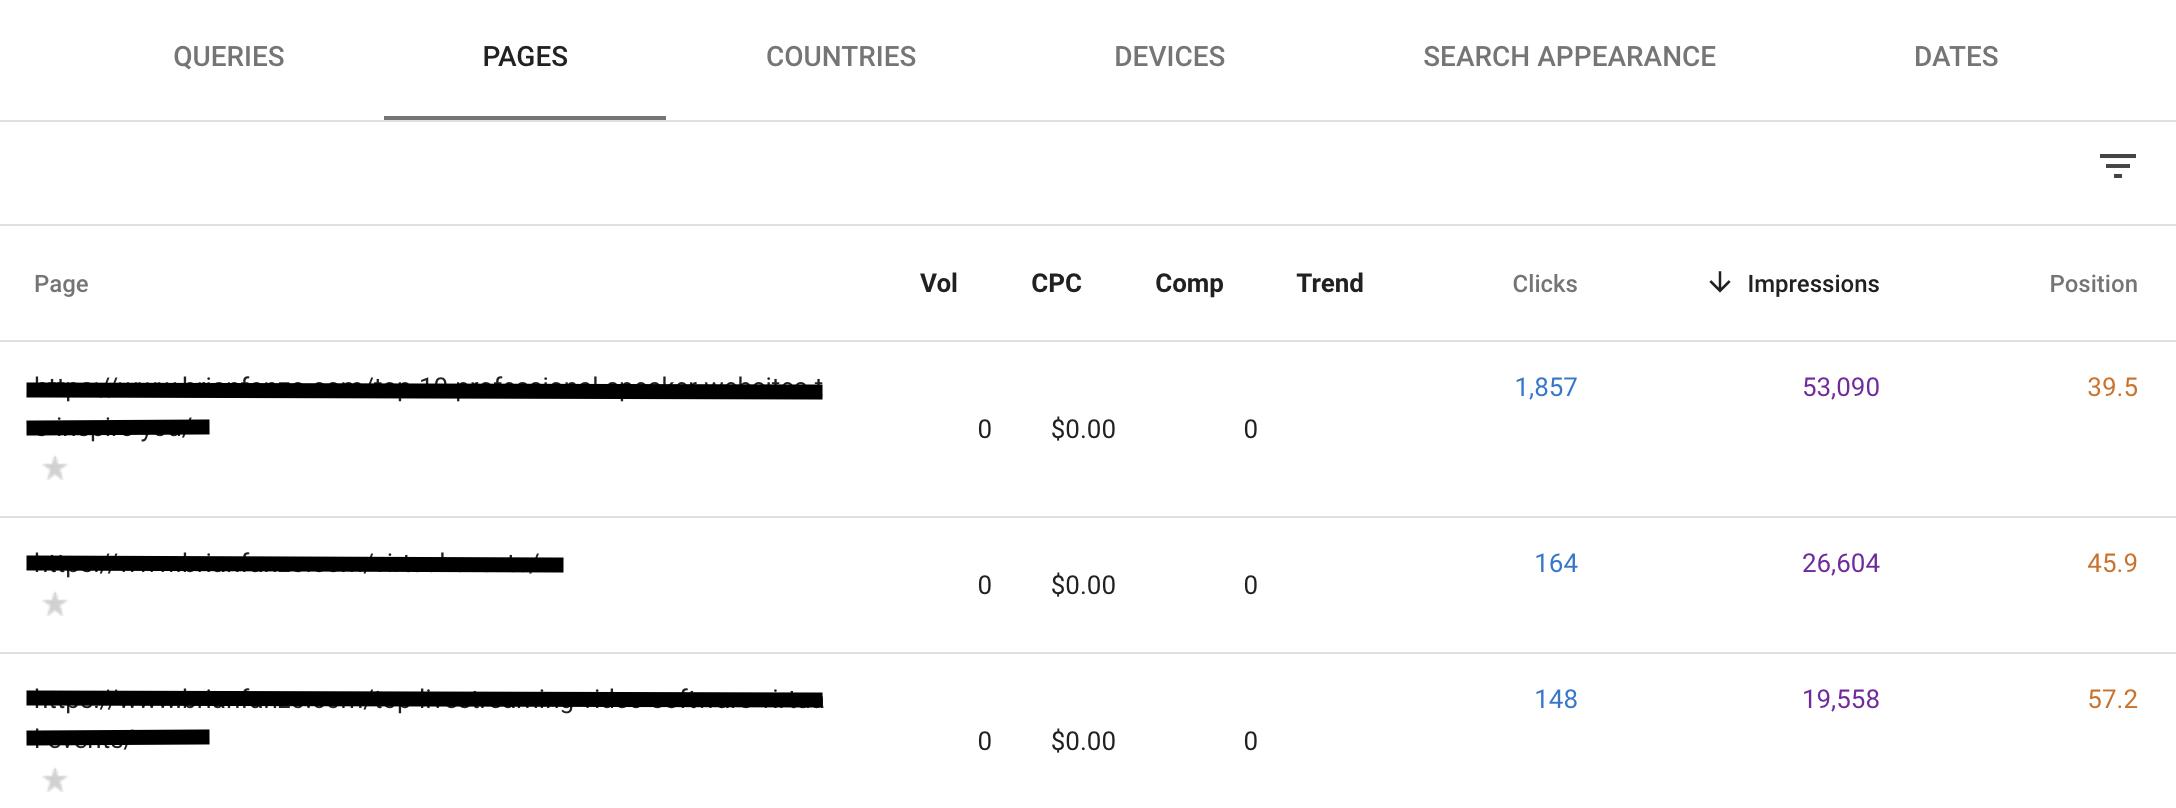 Tabla de la Consola de búsqueda de Google que muestra las impresiones de búsqueda orgánica para su contenido.